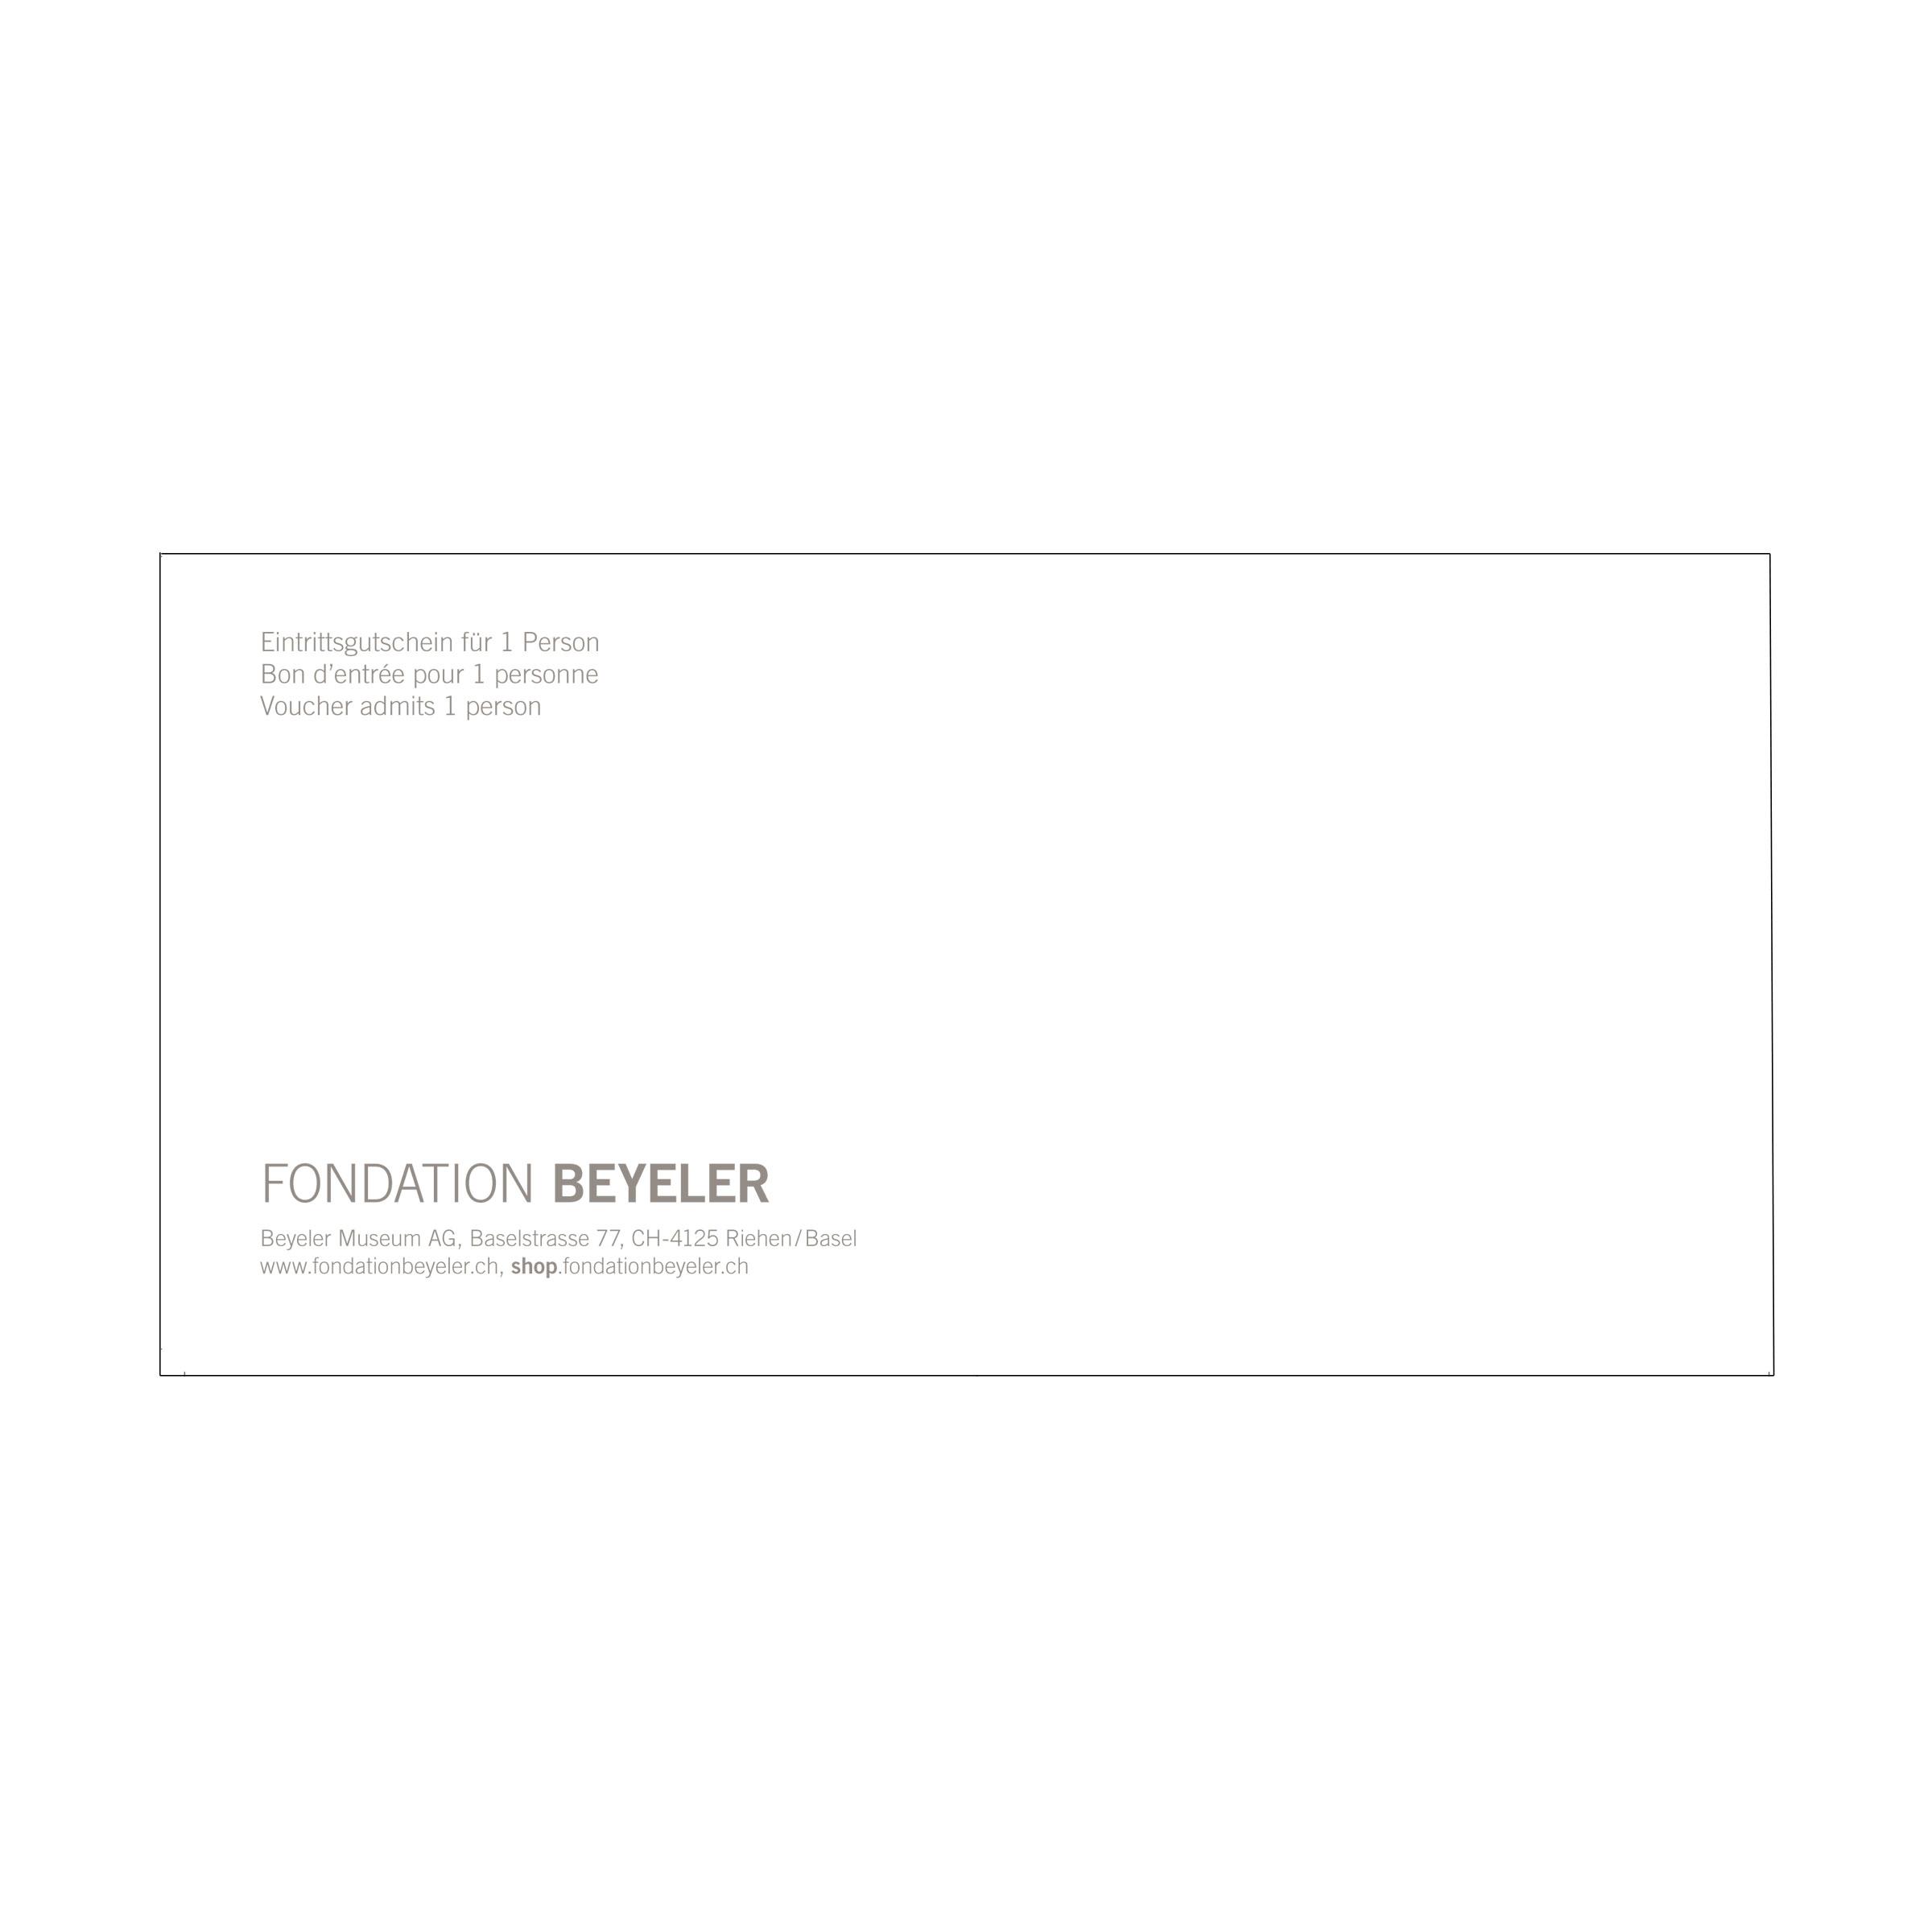 Eintrittsgutschein | Fondation Beyeler Shop